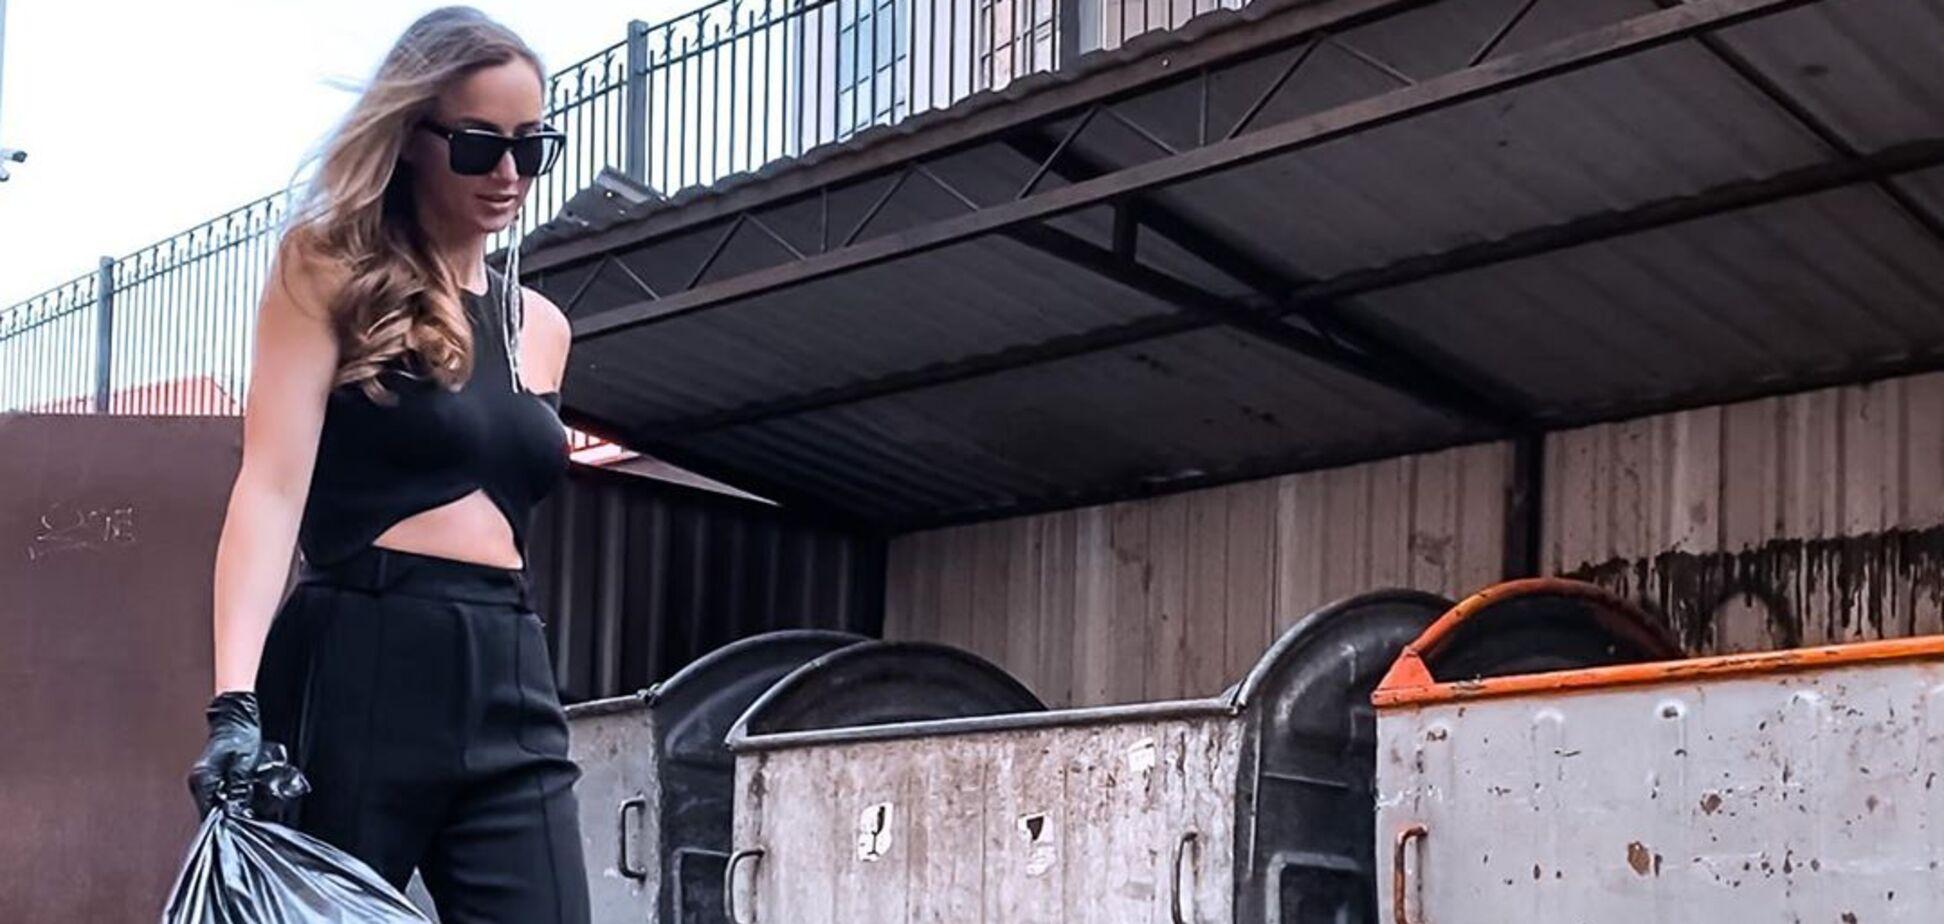 'А где маска?' Ризатдинова вынесла мусор в сексуальном наряде